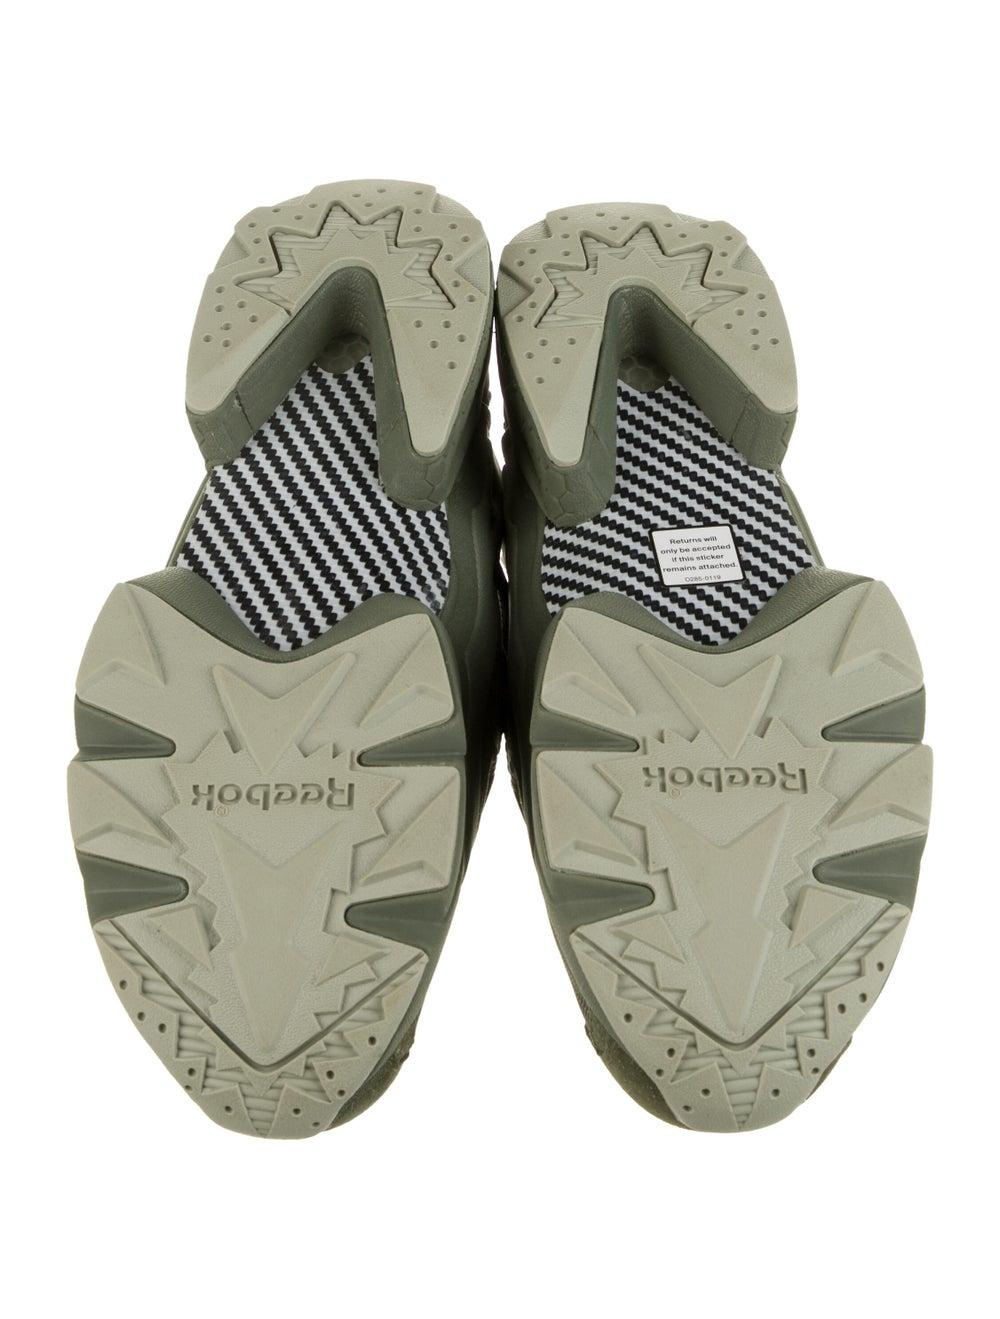 Reebok Instapump Fury Sneakers olive - image 5